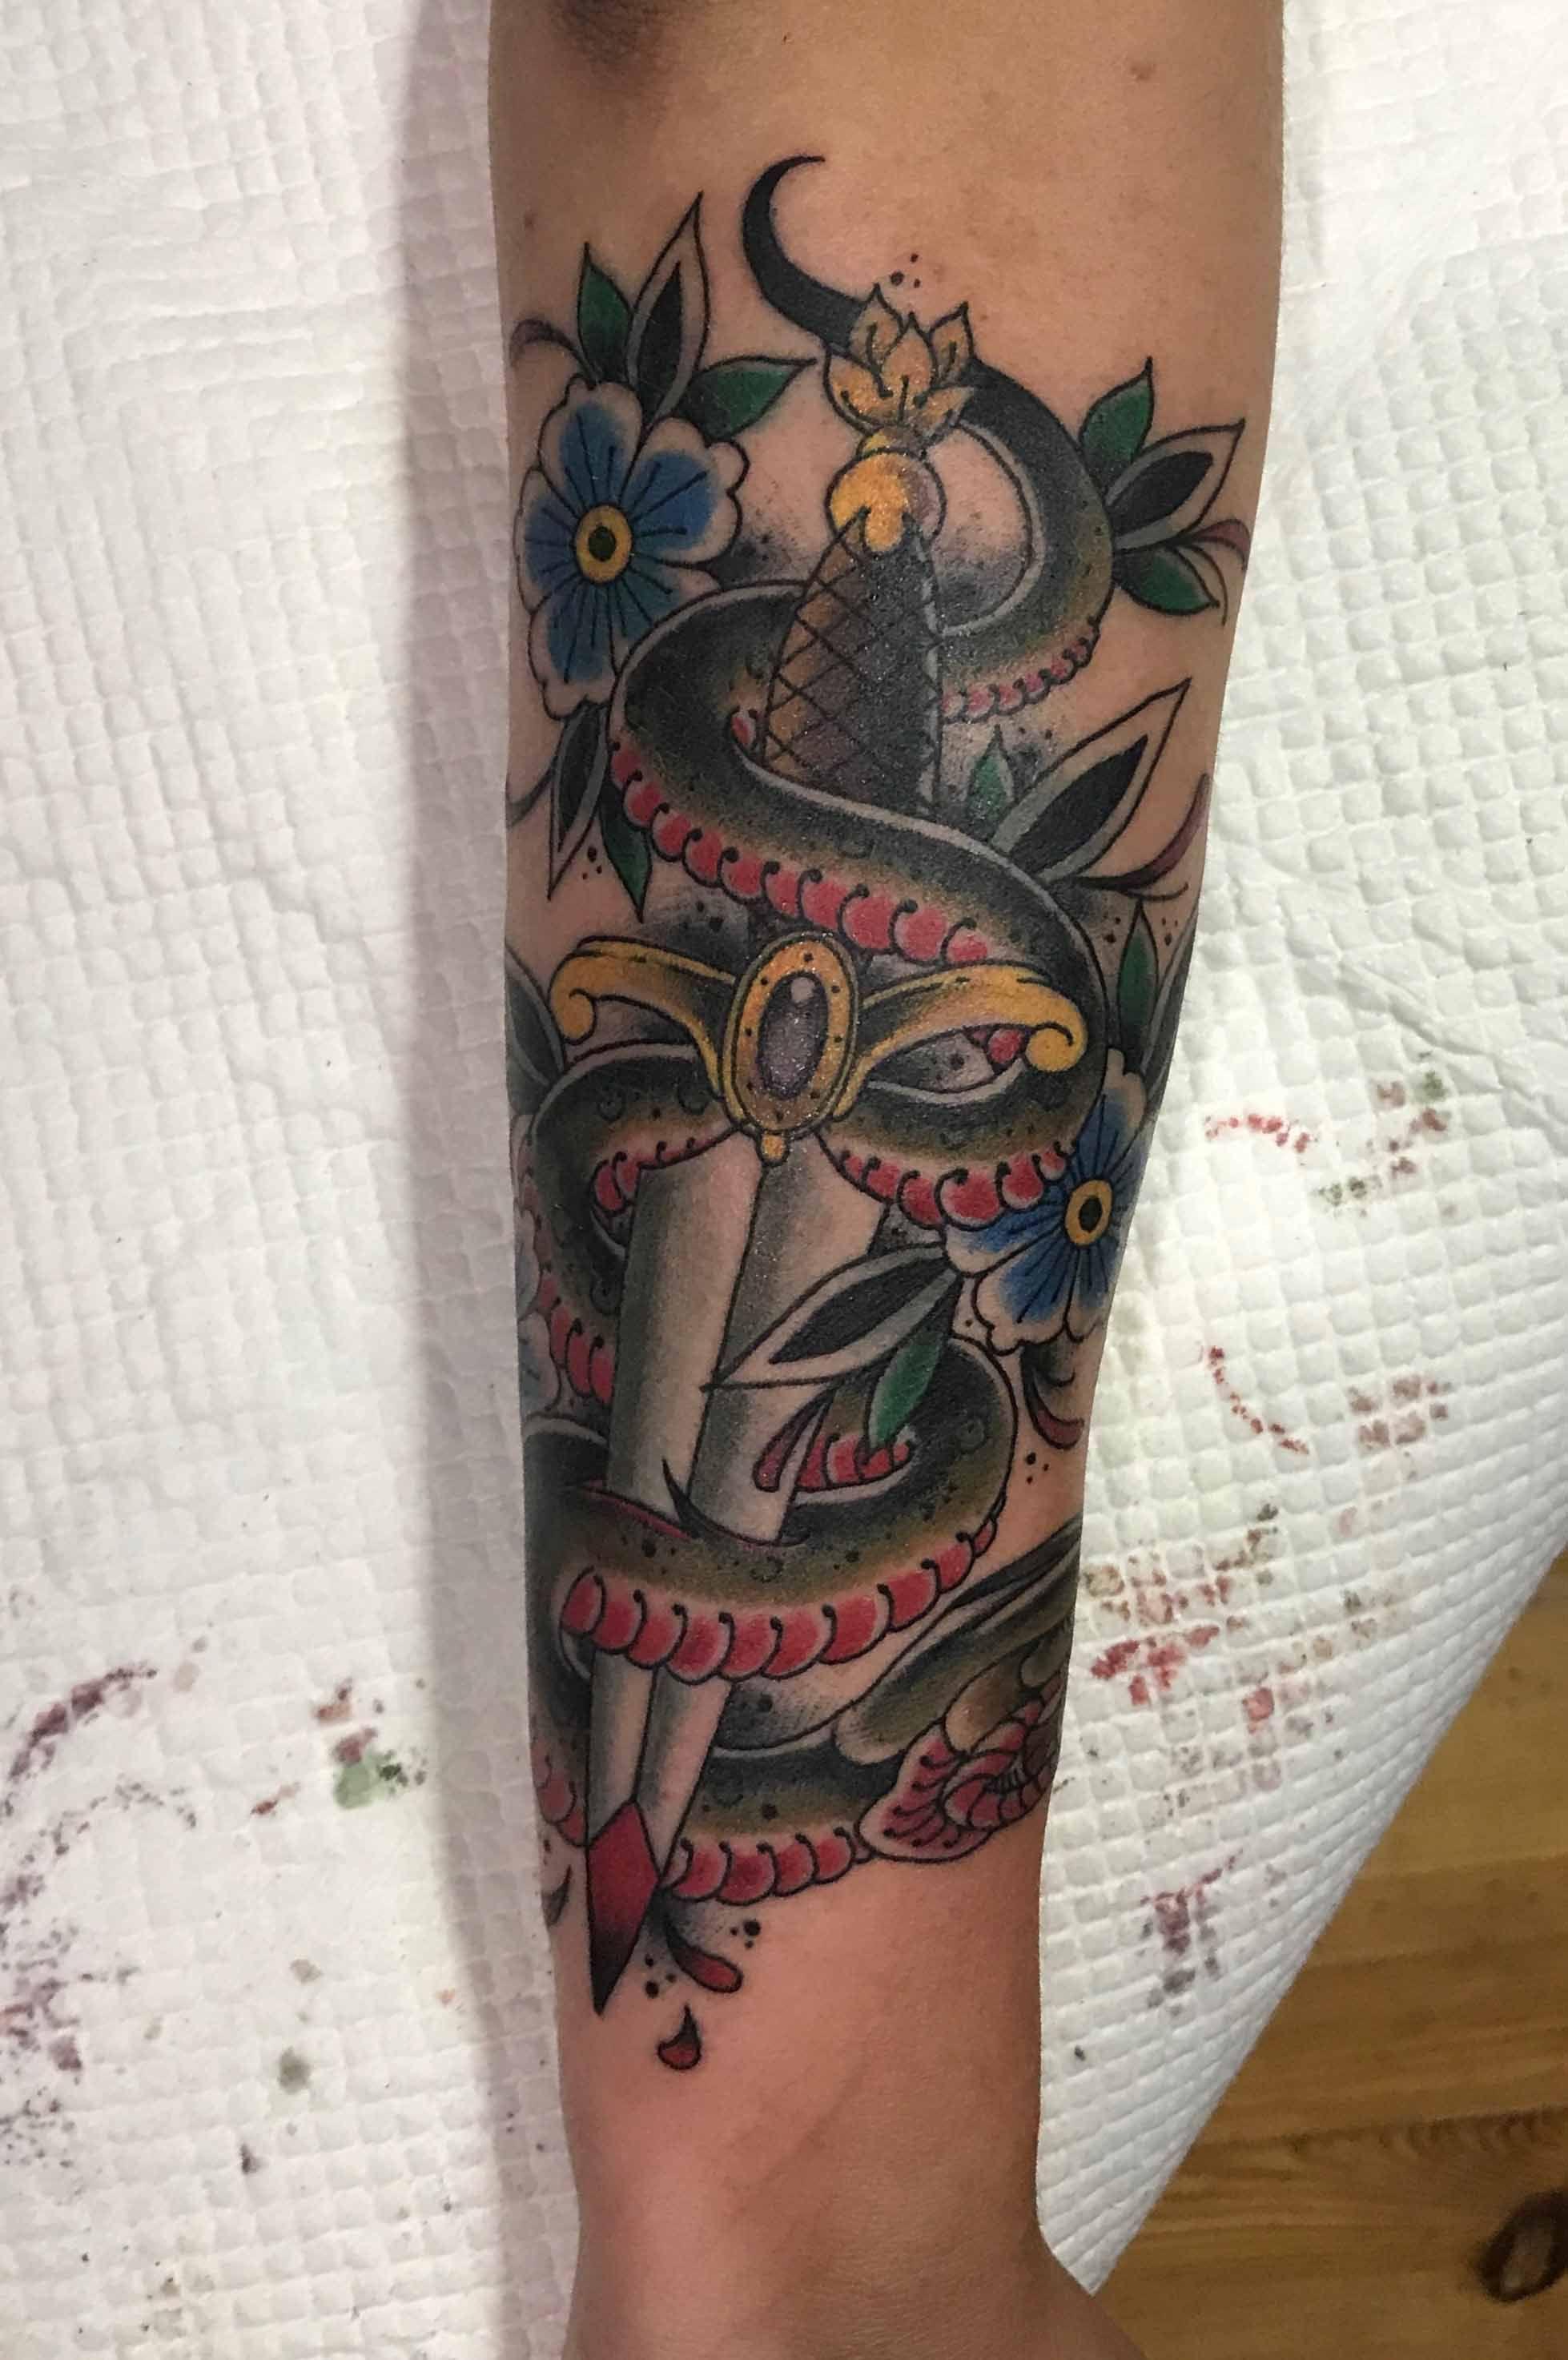 tattoo tattoos tat ink inked tattooed tattoist coverup art